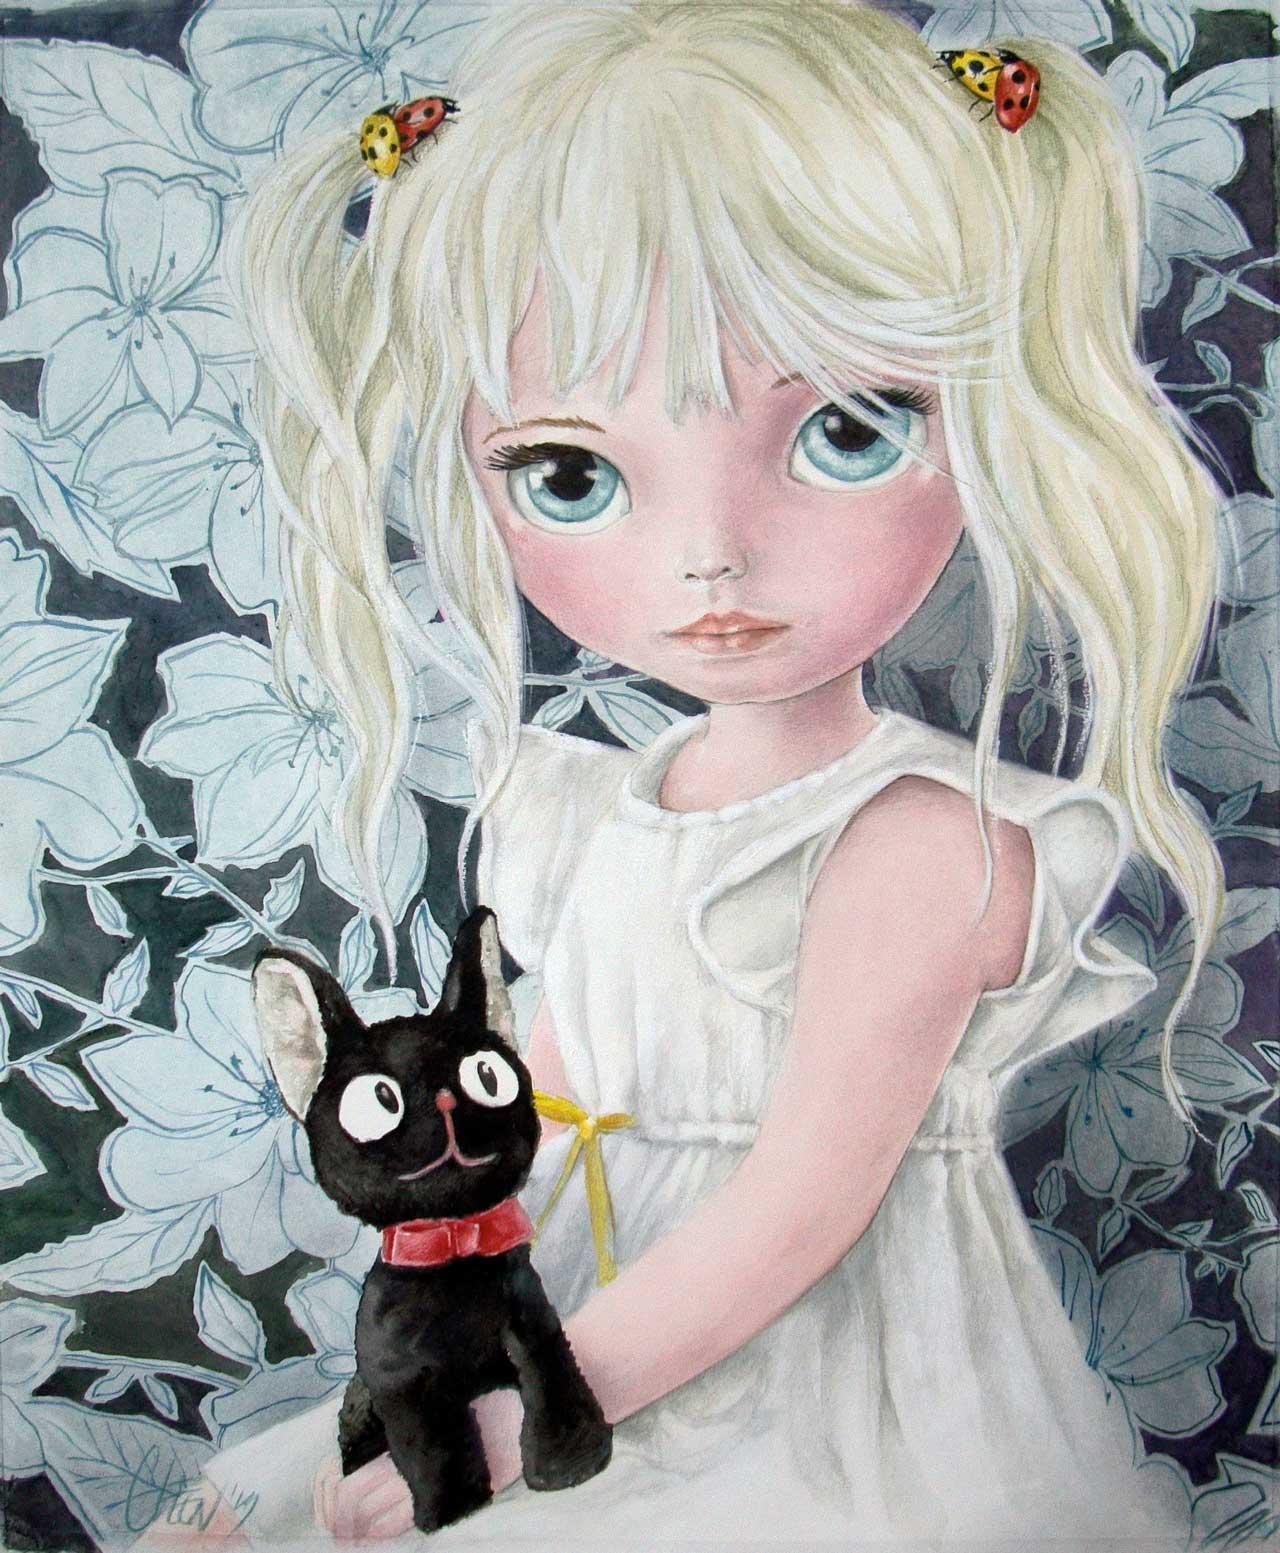 Fine Art Print dollypop Laure door Hans De Cleen s